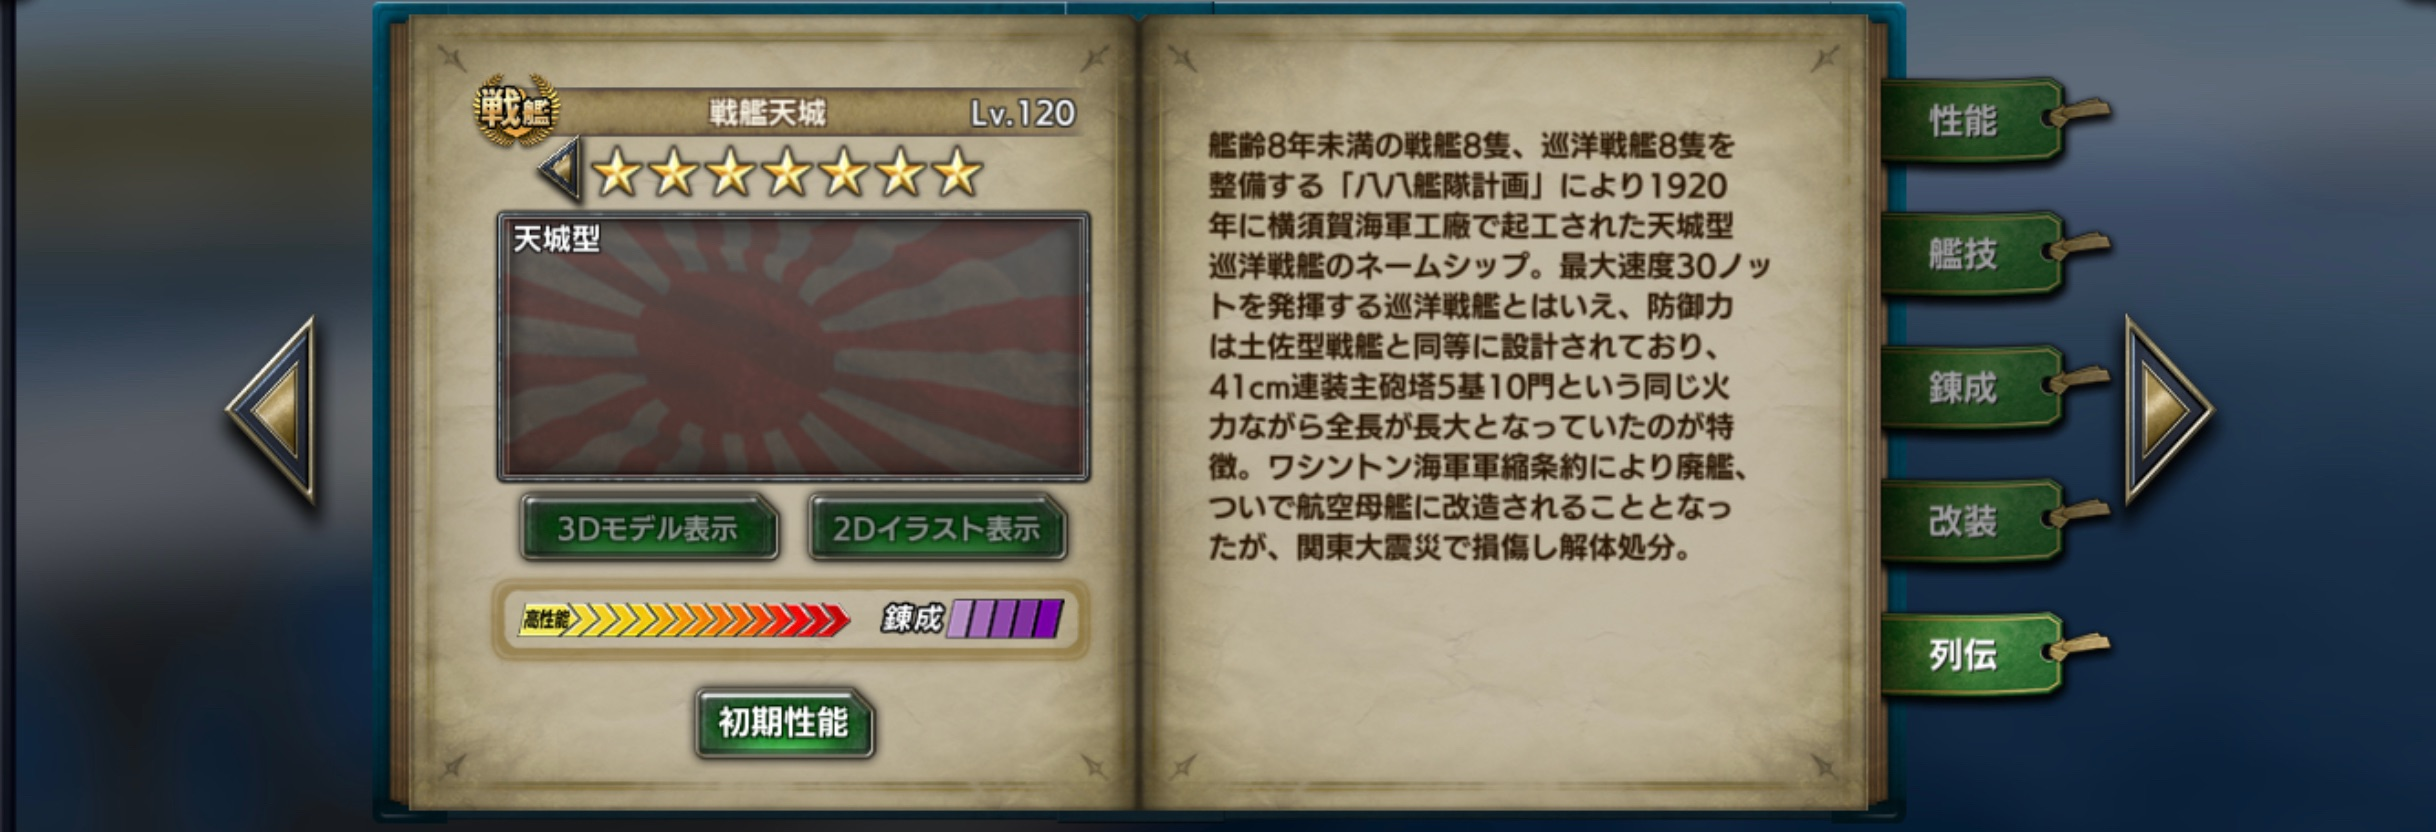 Samagi-history